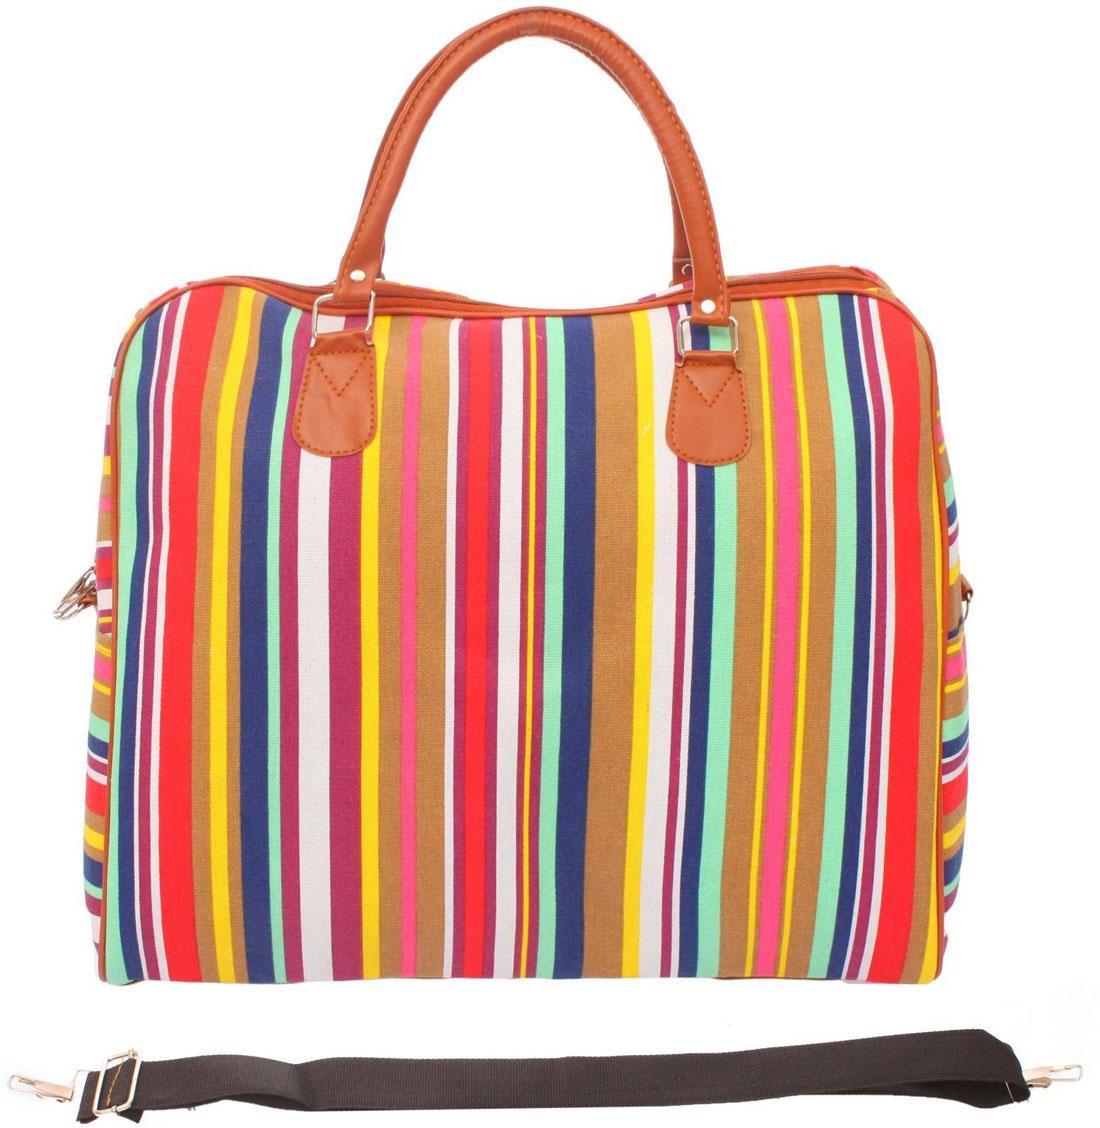 Сумка дорожная Sima-land. 1046584Костюм Охотник-Штурм: куртка, брюкиПрочная дорожная сумка прекрасно подойдёт как в путешествии, так и в деловых поездках. Она позволяет взять с собой всё необходимое: от нижнего белья до брюк, юбок и пиджаковМодель оснащена широкими ручками и съёмным длинным ремнём для комфортной переноски. Дорожный аксессуар прослужит много лет, так как изготовлен из прочного текстиля, устойчивого к выцветанию.